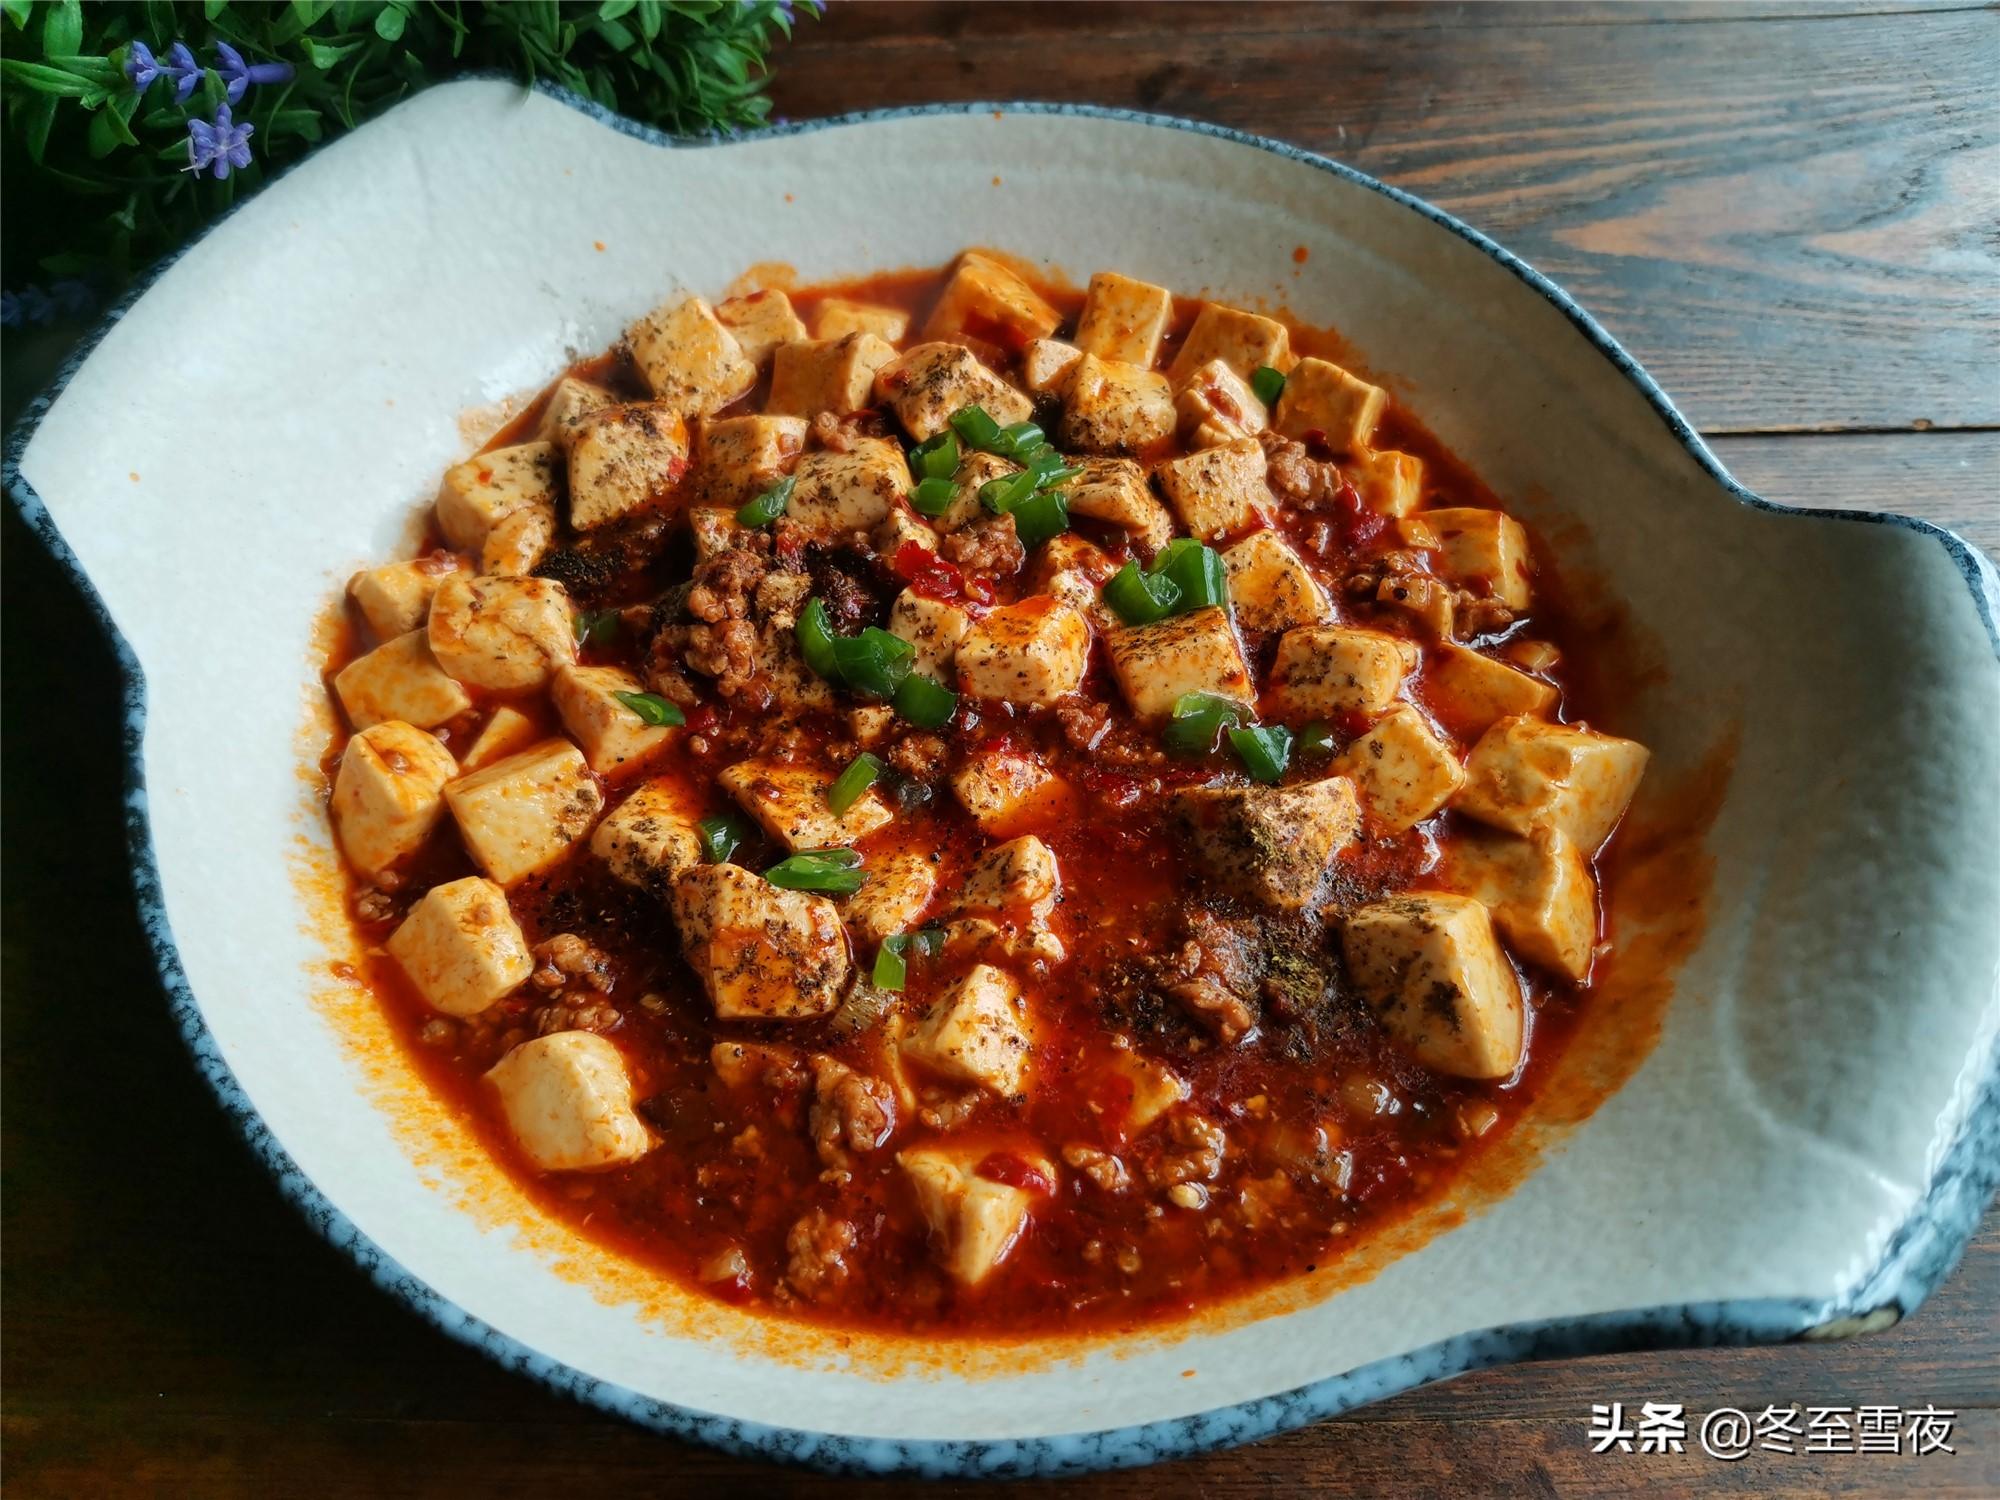 一星期晚餐食谱,8道家常下饭菜,有荤有素,7天吃着不重样 美食做法 第1张